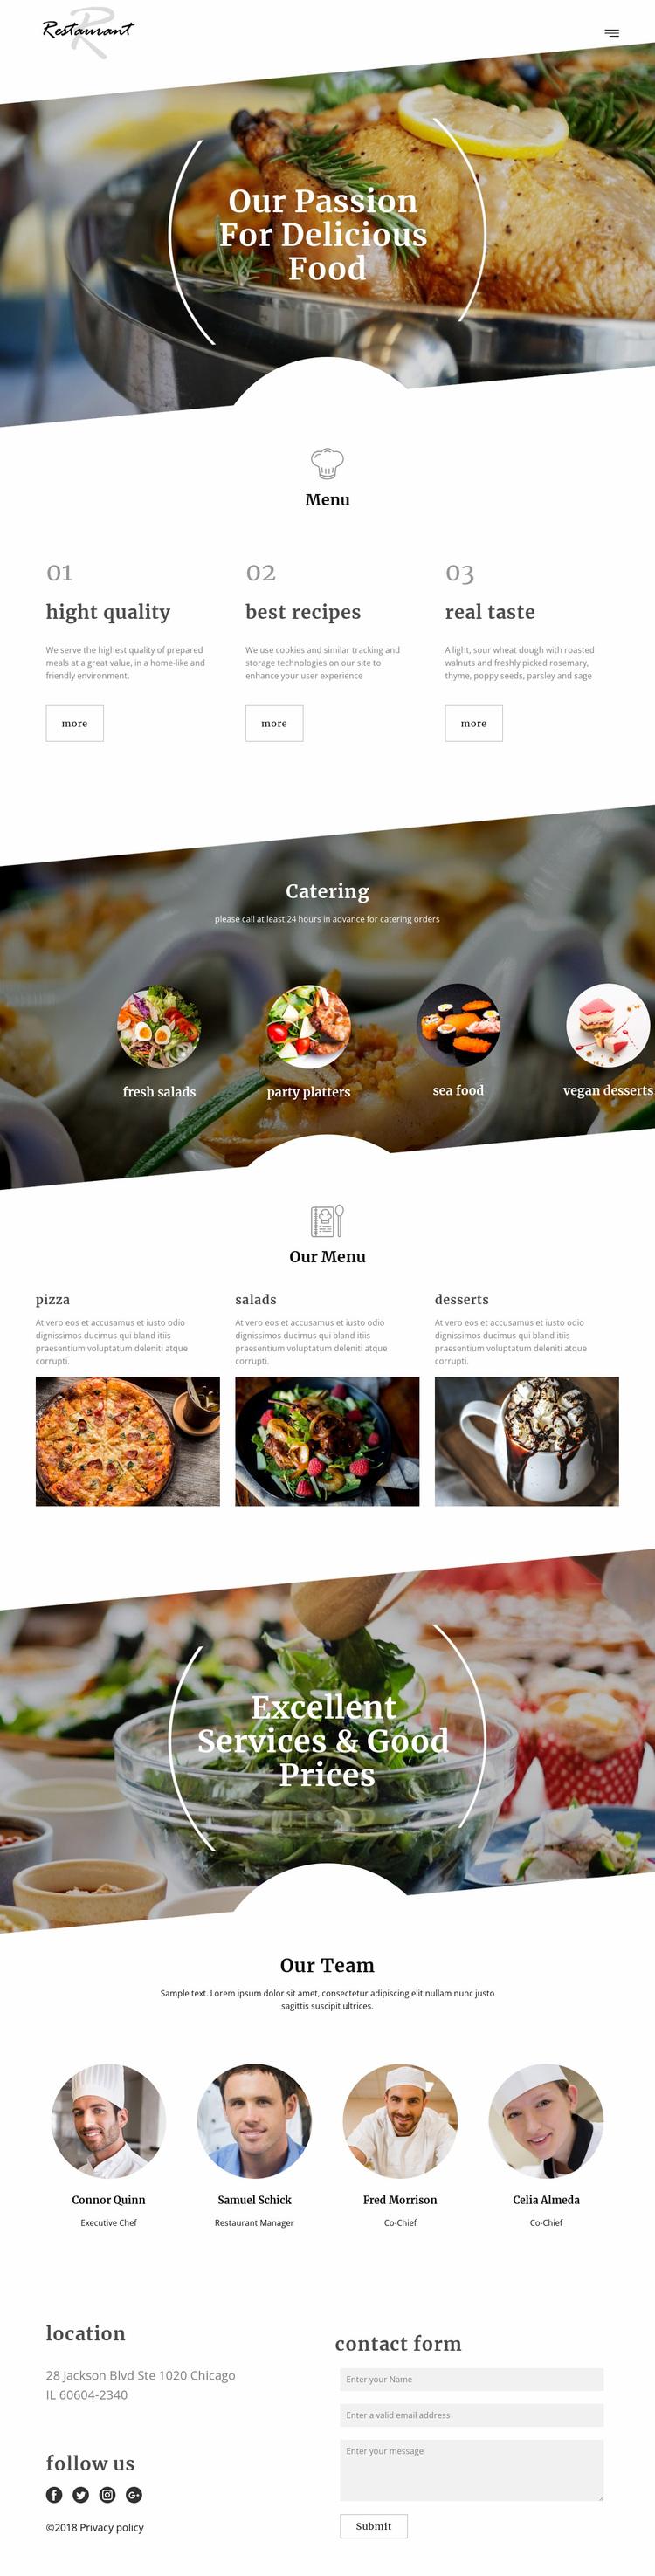 Executive chef recipes Website Design